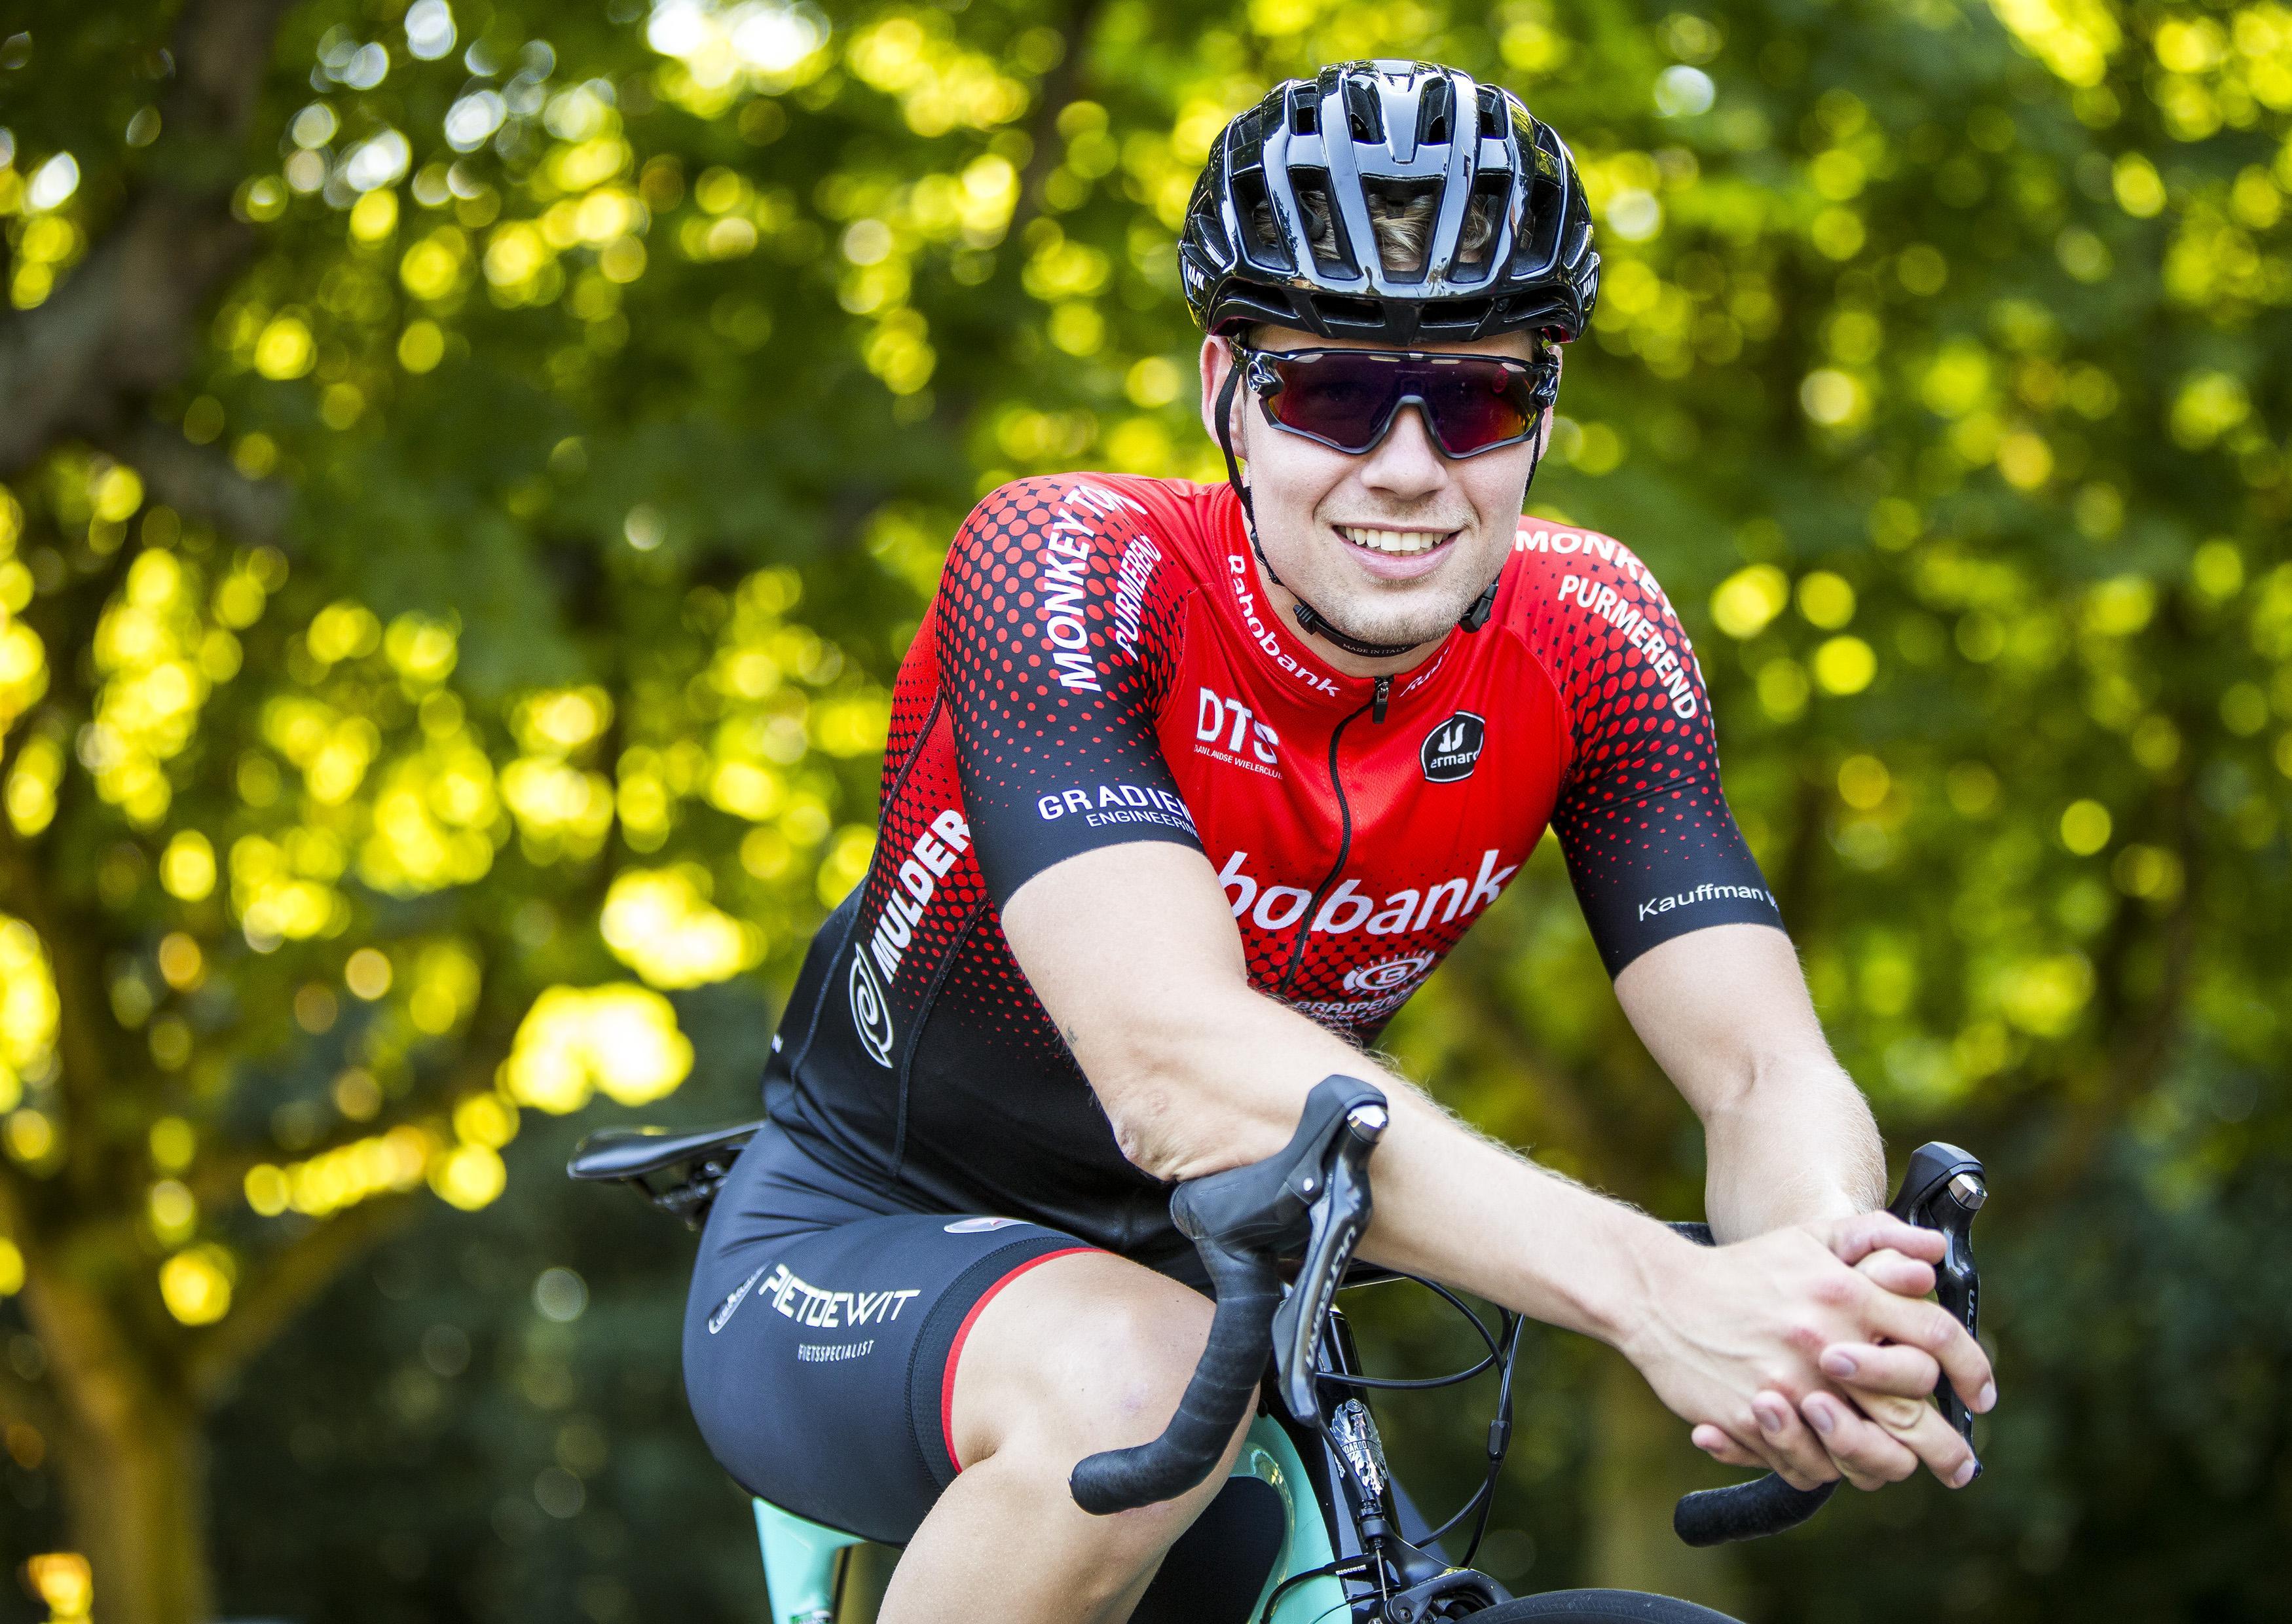 Wielrenner Kevin Wilmsen gebrand op winst in Ronde van Santpoort-Noord: 'Voor de familie en vrienden die langs de hekken staan'